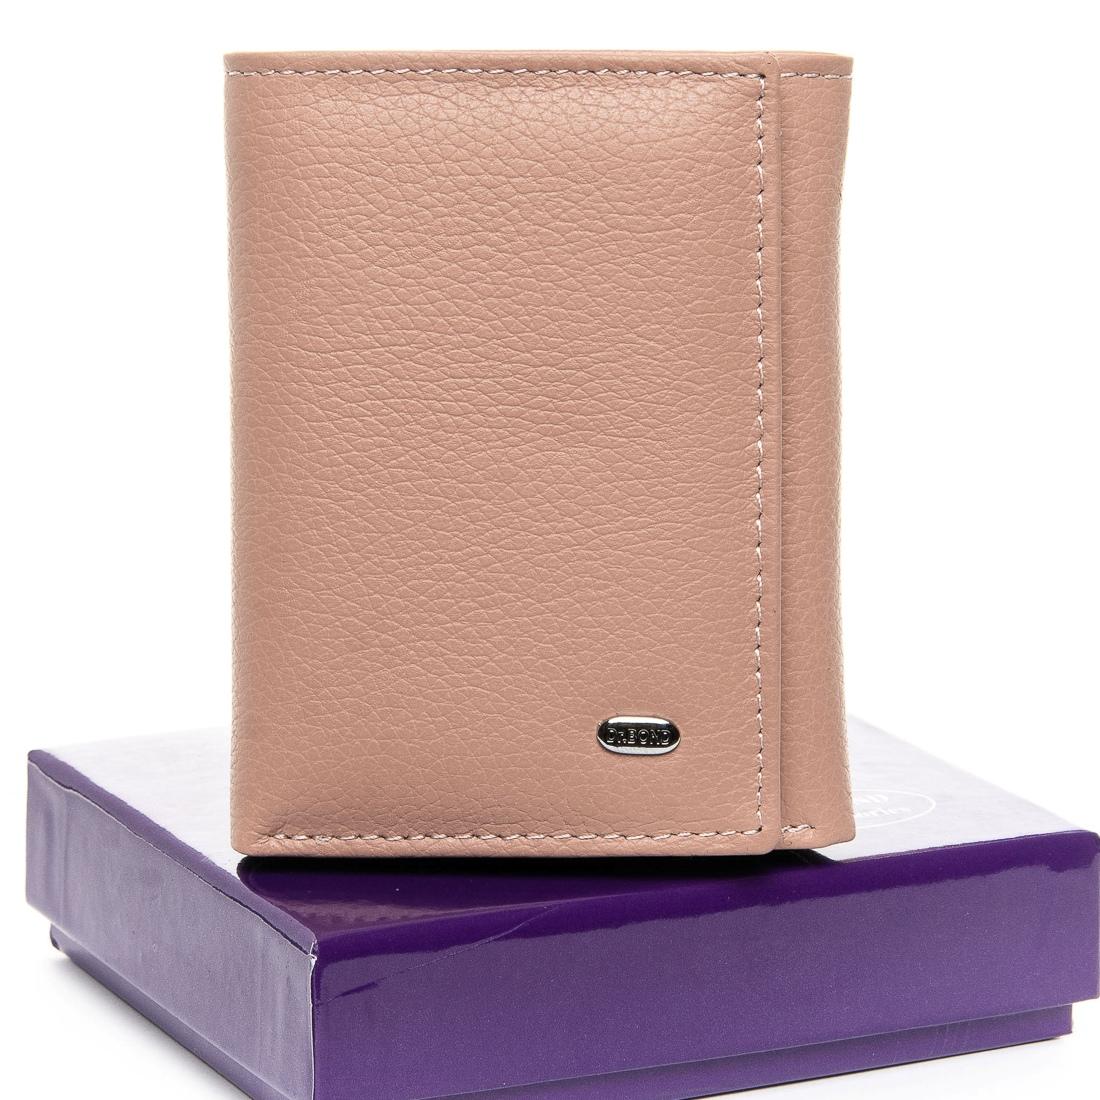 Милый кошелёк «Dr.Bond» из мягкой кожи приятного розового цвета купить. Цена 585 грн